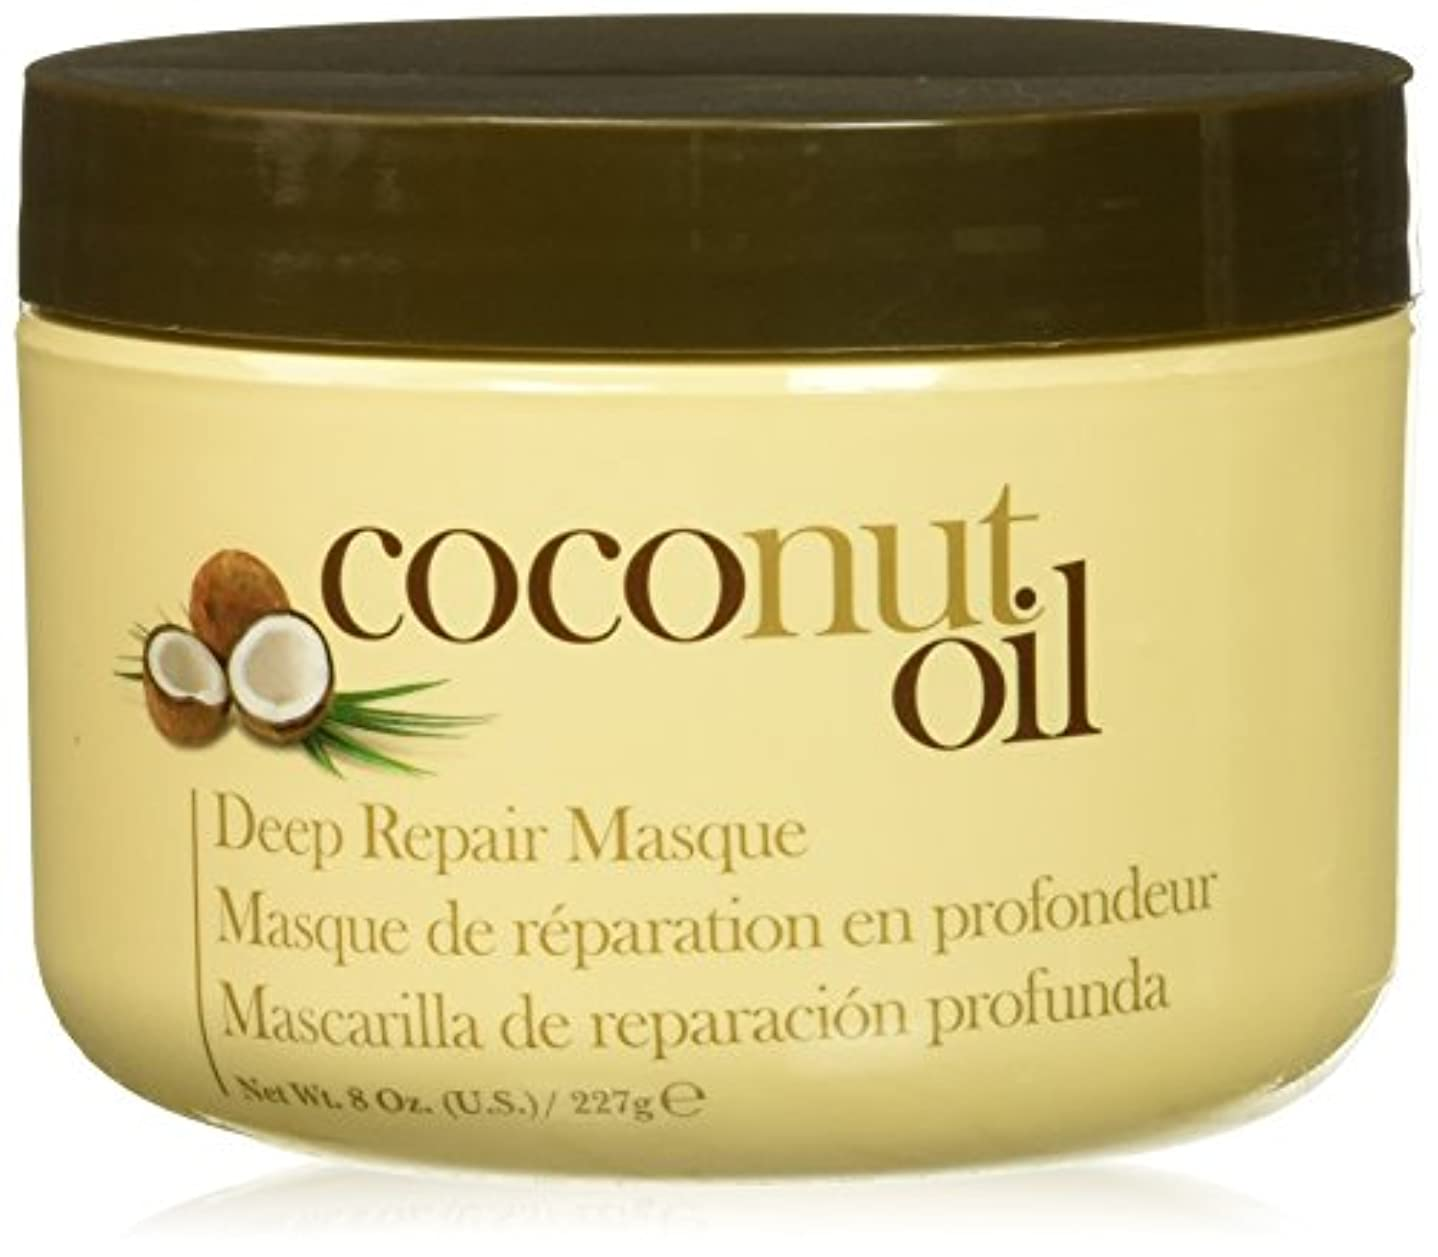 お気に入りアーサーコナンドイル作るHair Chemist ヘアマスク ココナッツ オイル ディープリペアマスク 227g Coconut Oil Deep Repair Mask 1474 New York